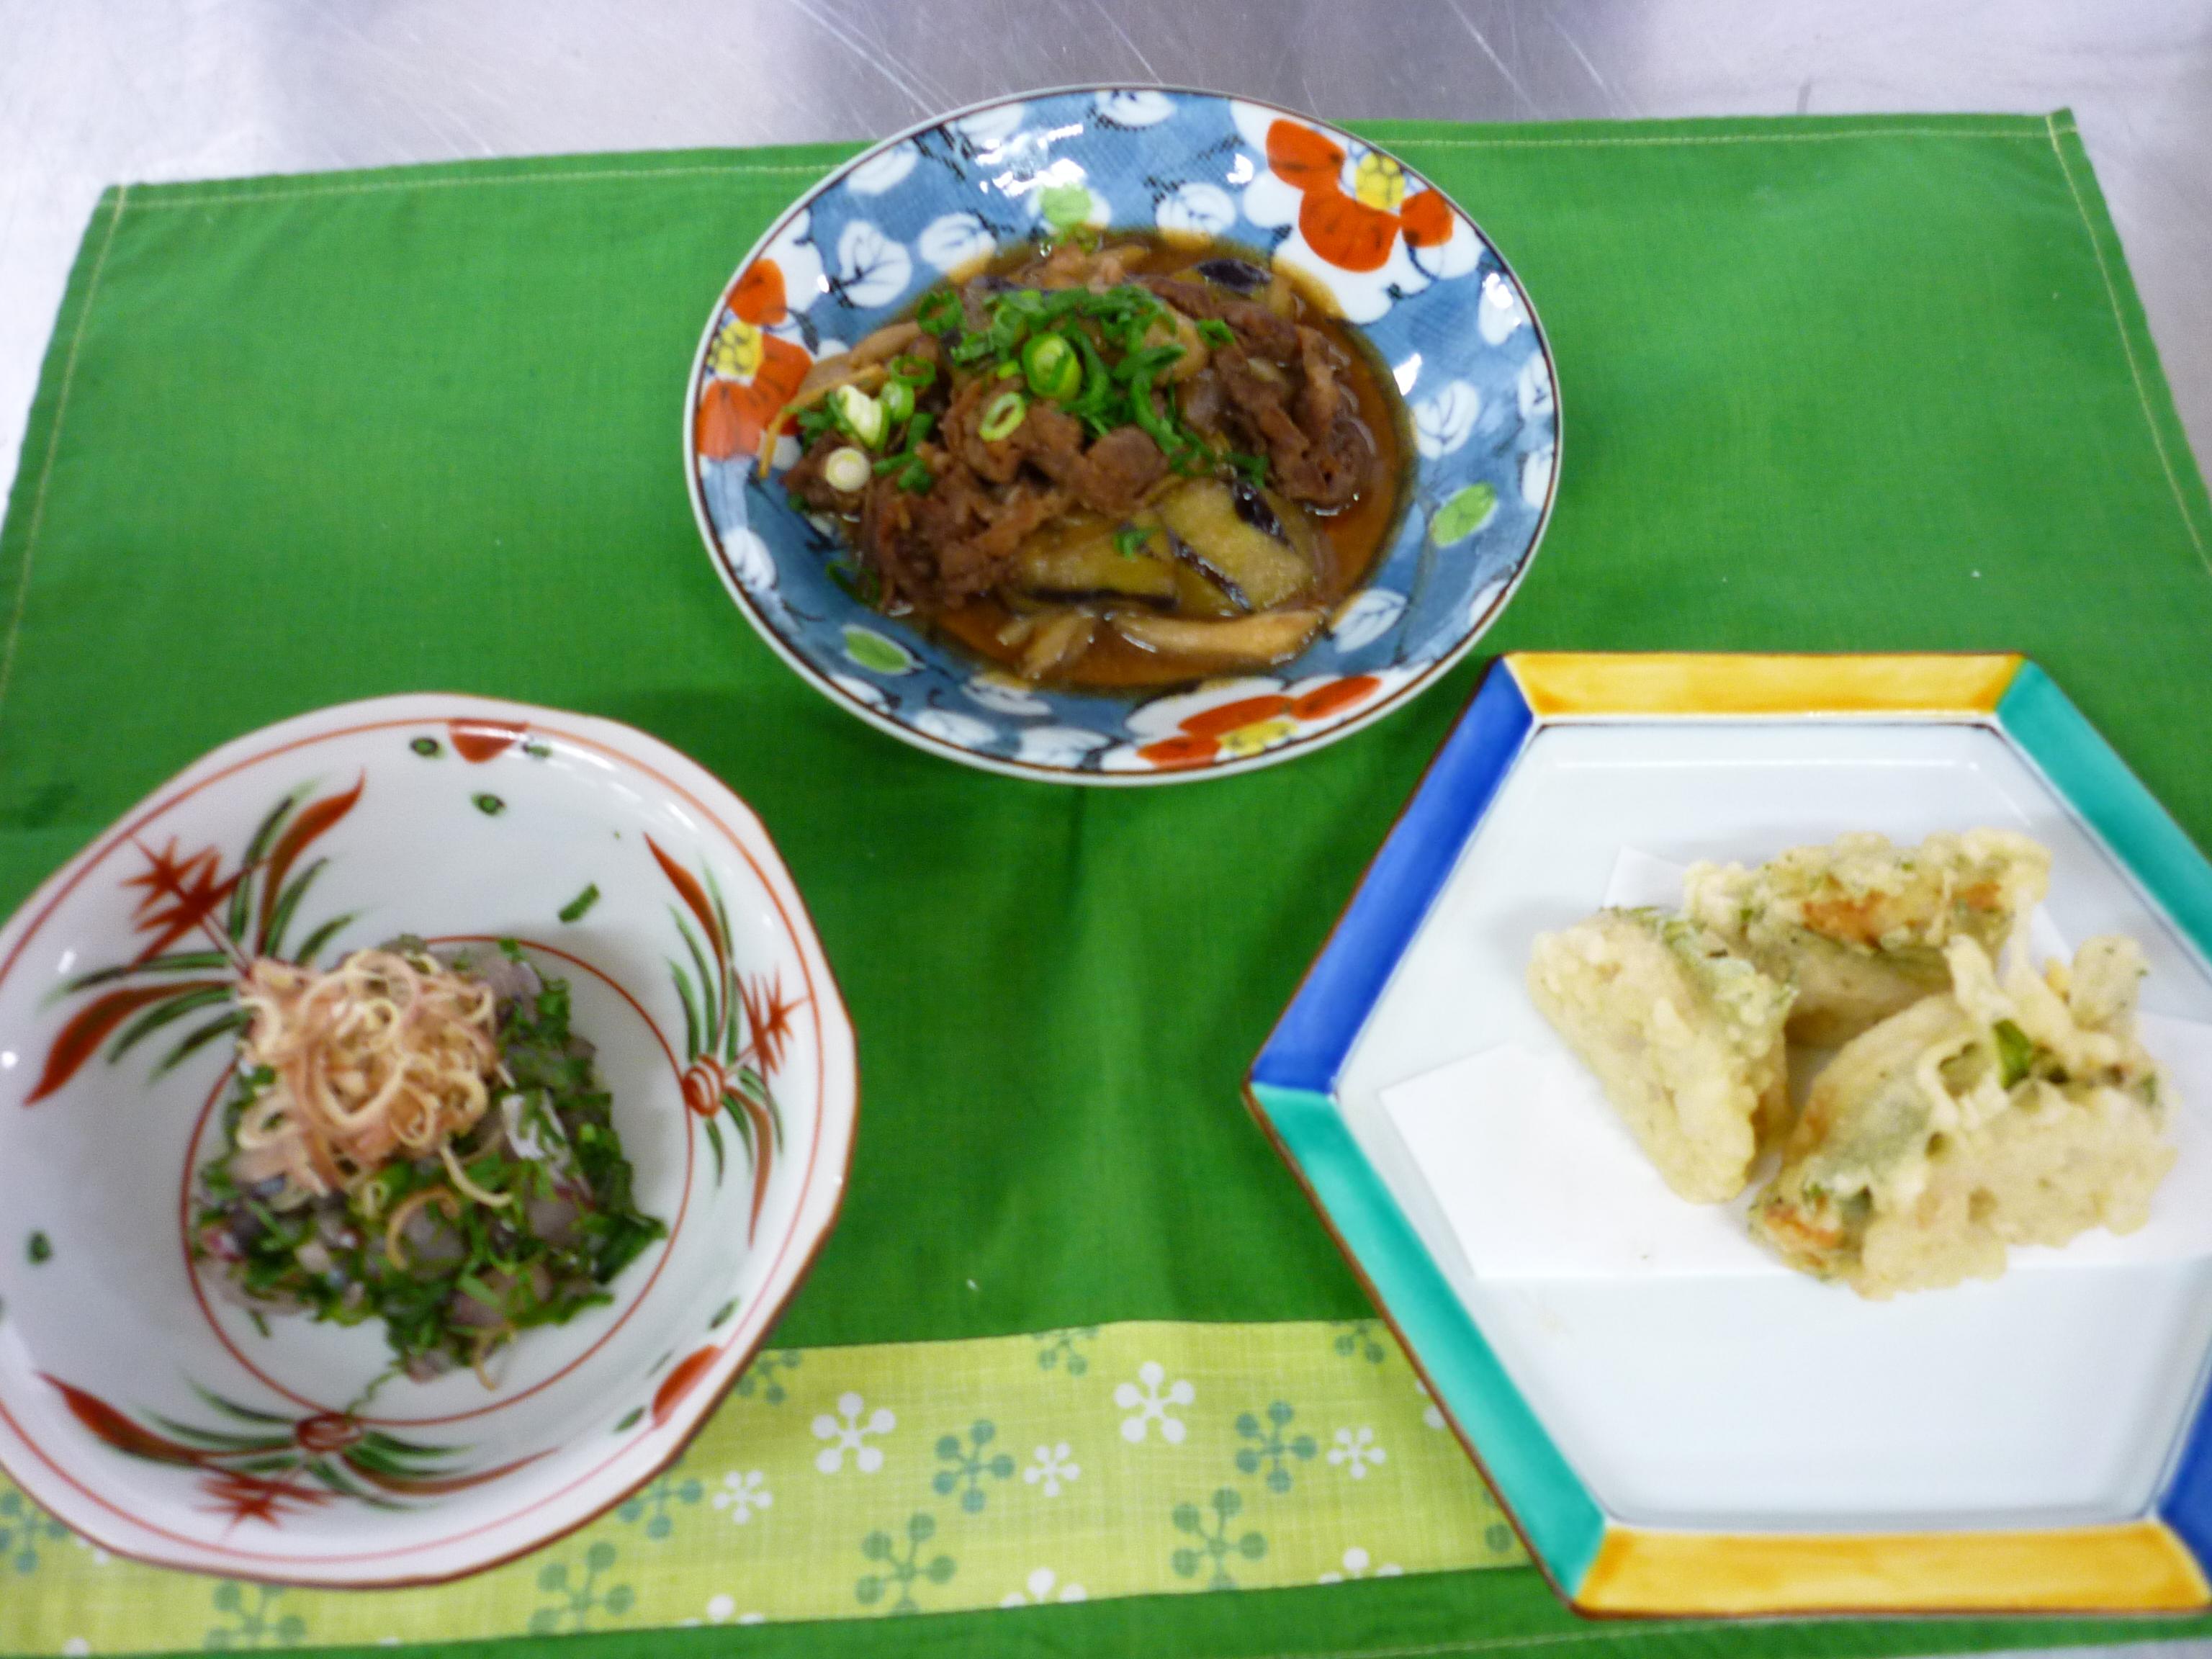 鯵のタタキ 胡麻ダレ、蓮根のはさみ揚げ、茄子とシメジと牛肉の時雨煮